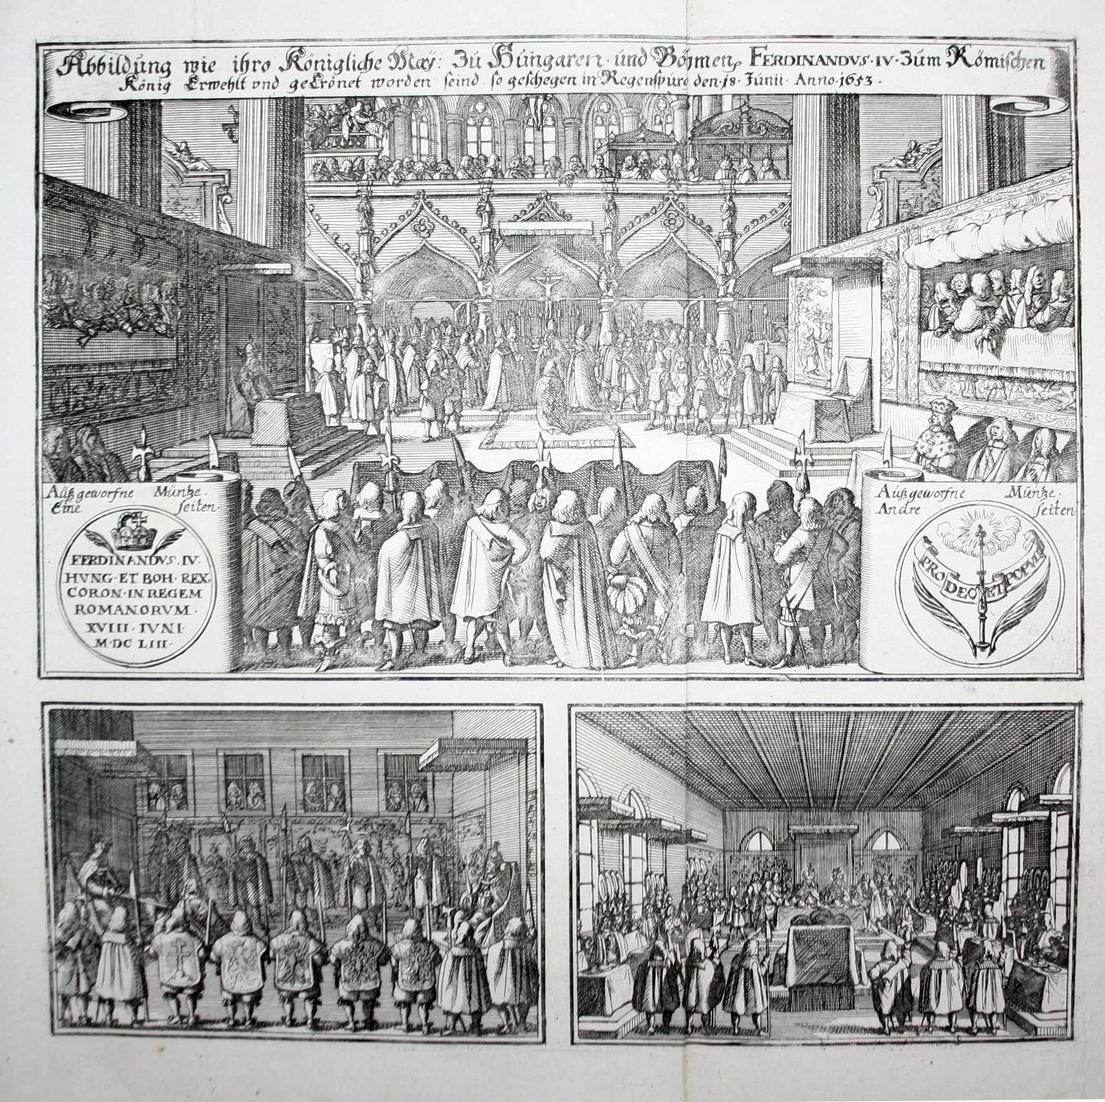 Abbildung wie ihro Königliche May. zu Hungaren und Böhmen Ferdinandvs IV zum Römischen König erwehlt . Regensp 0